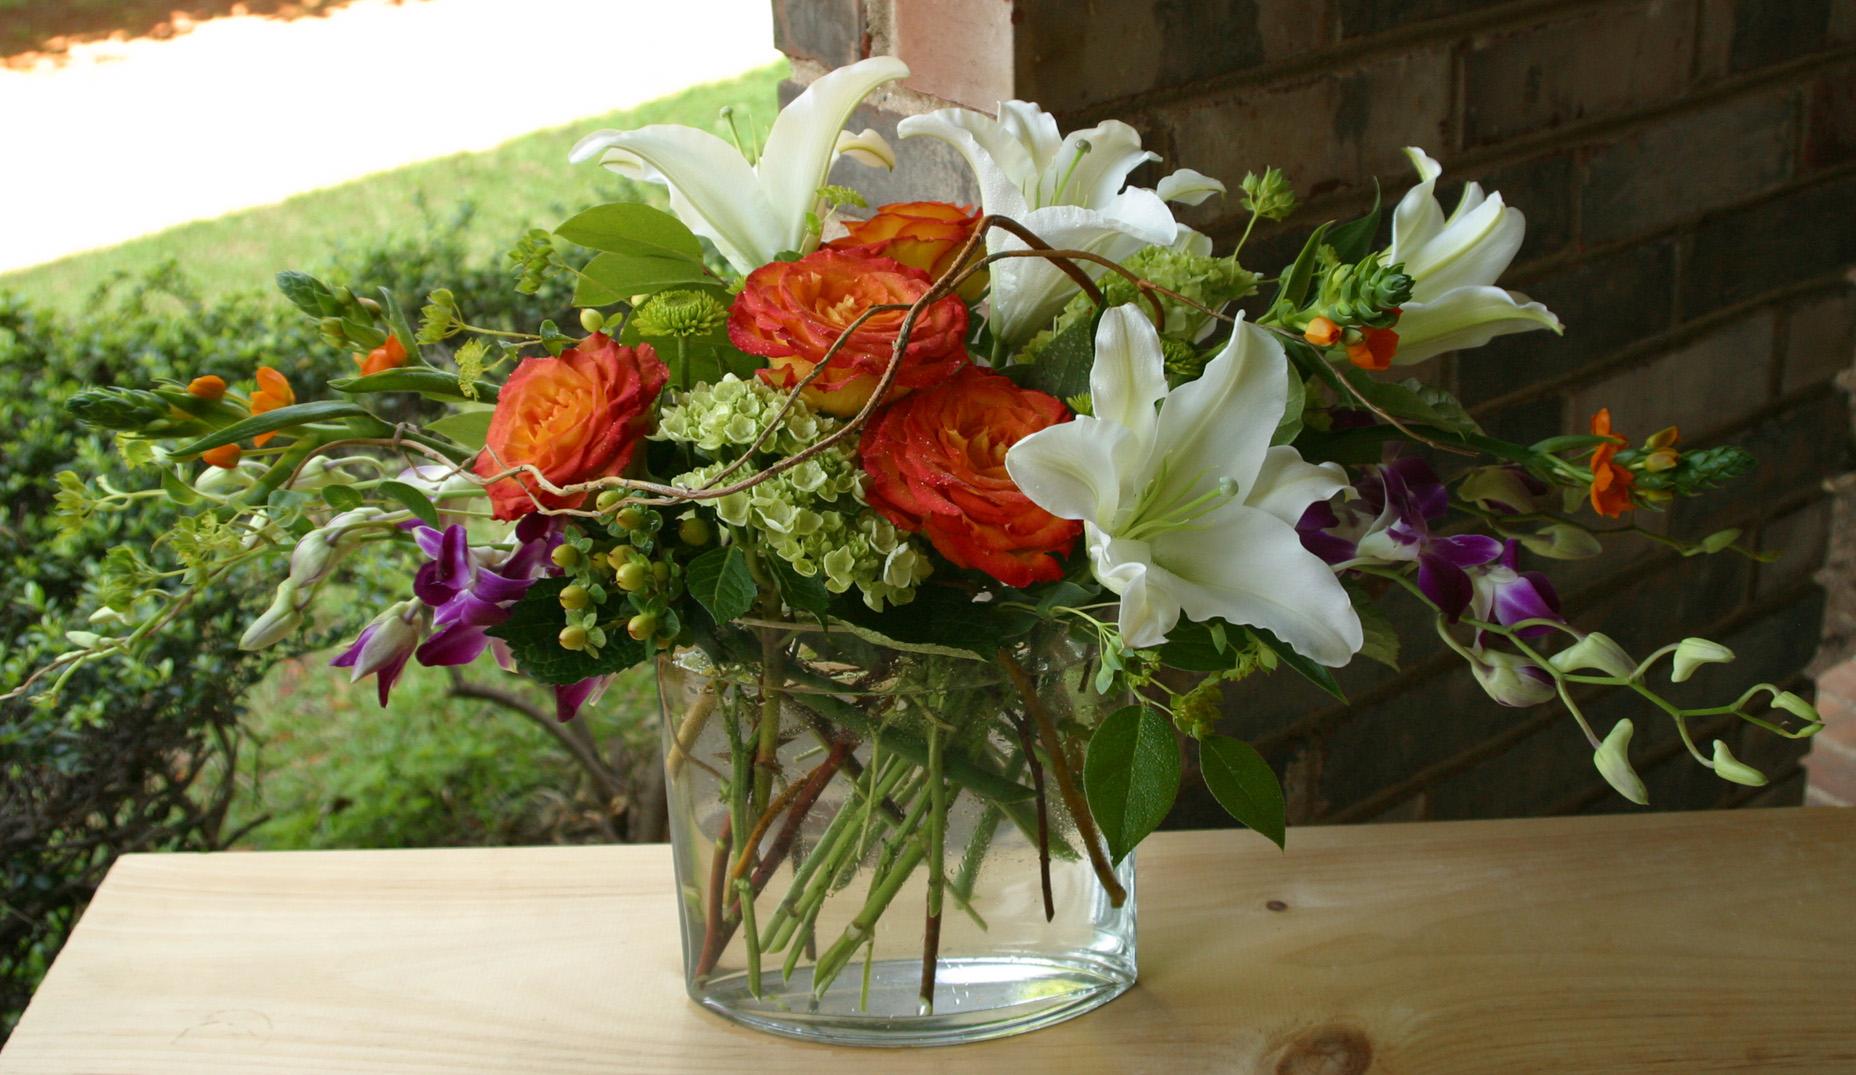 florist flower delivery unusual arrangement custom floral design